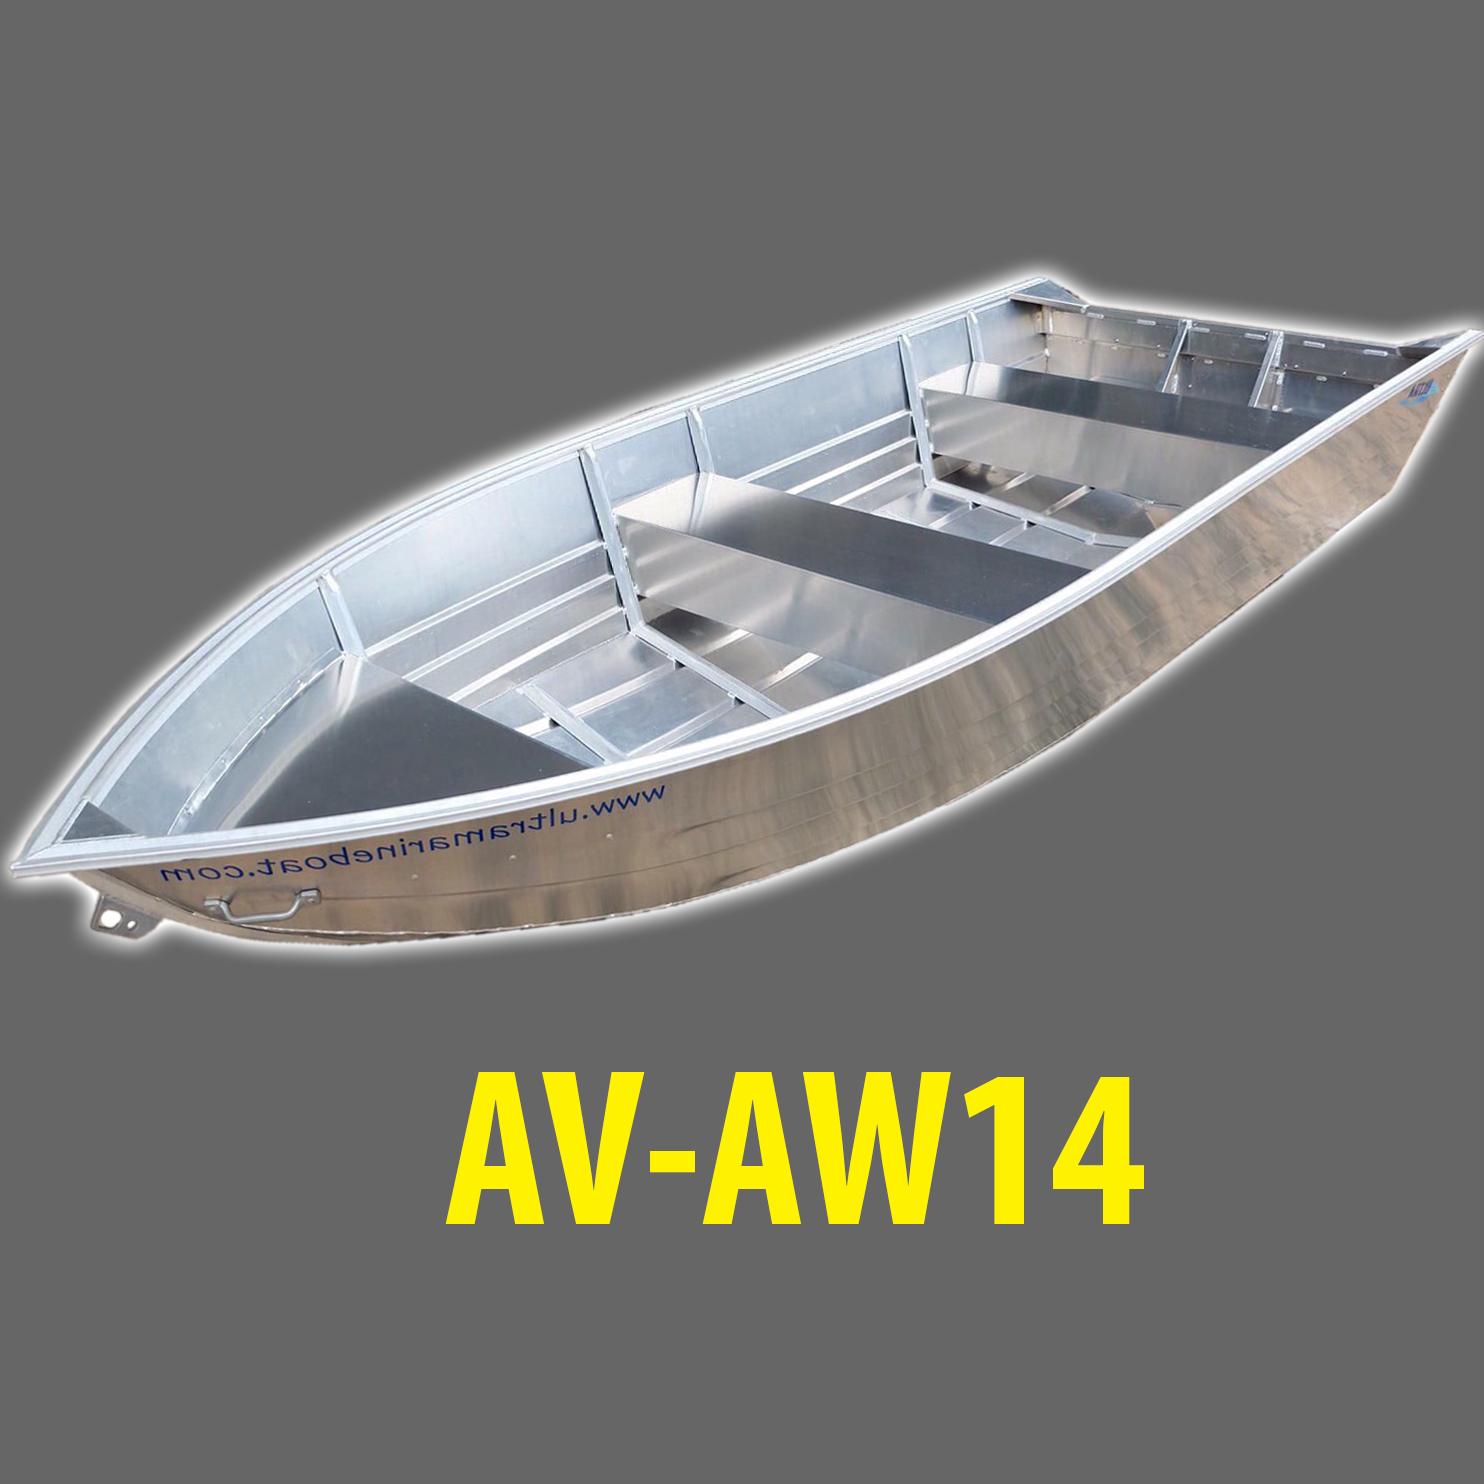 เรือท้องวีรุุ่น AV-AW14